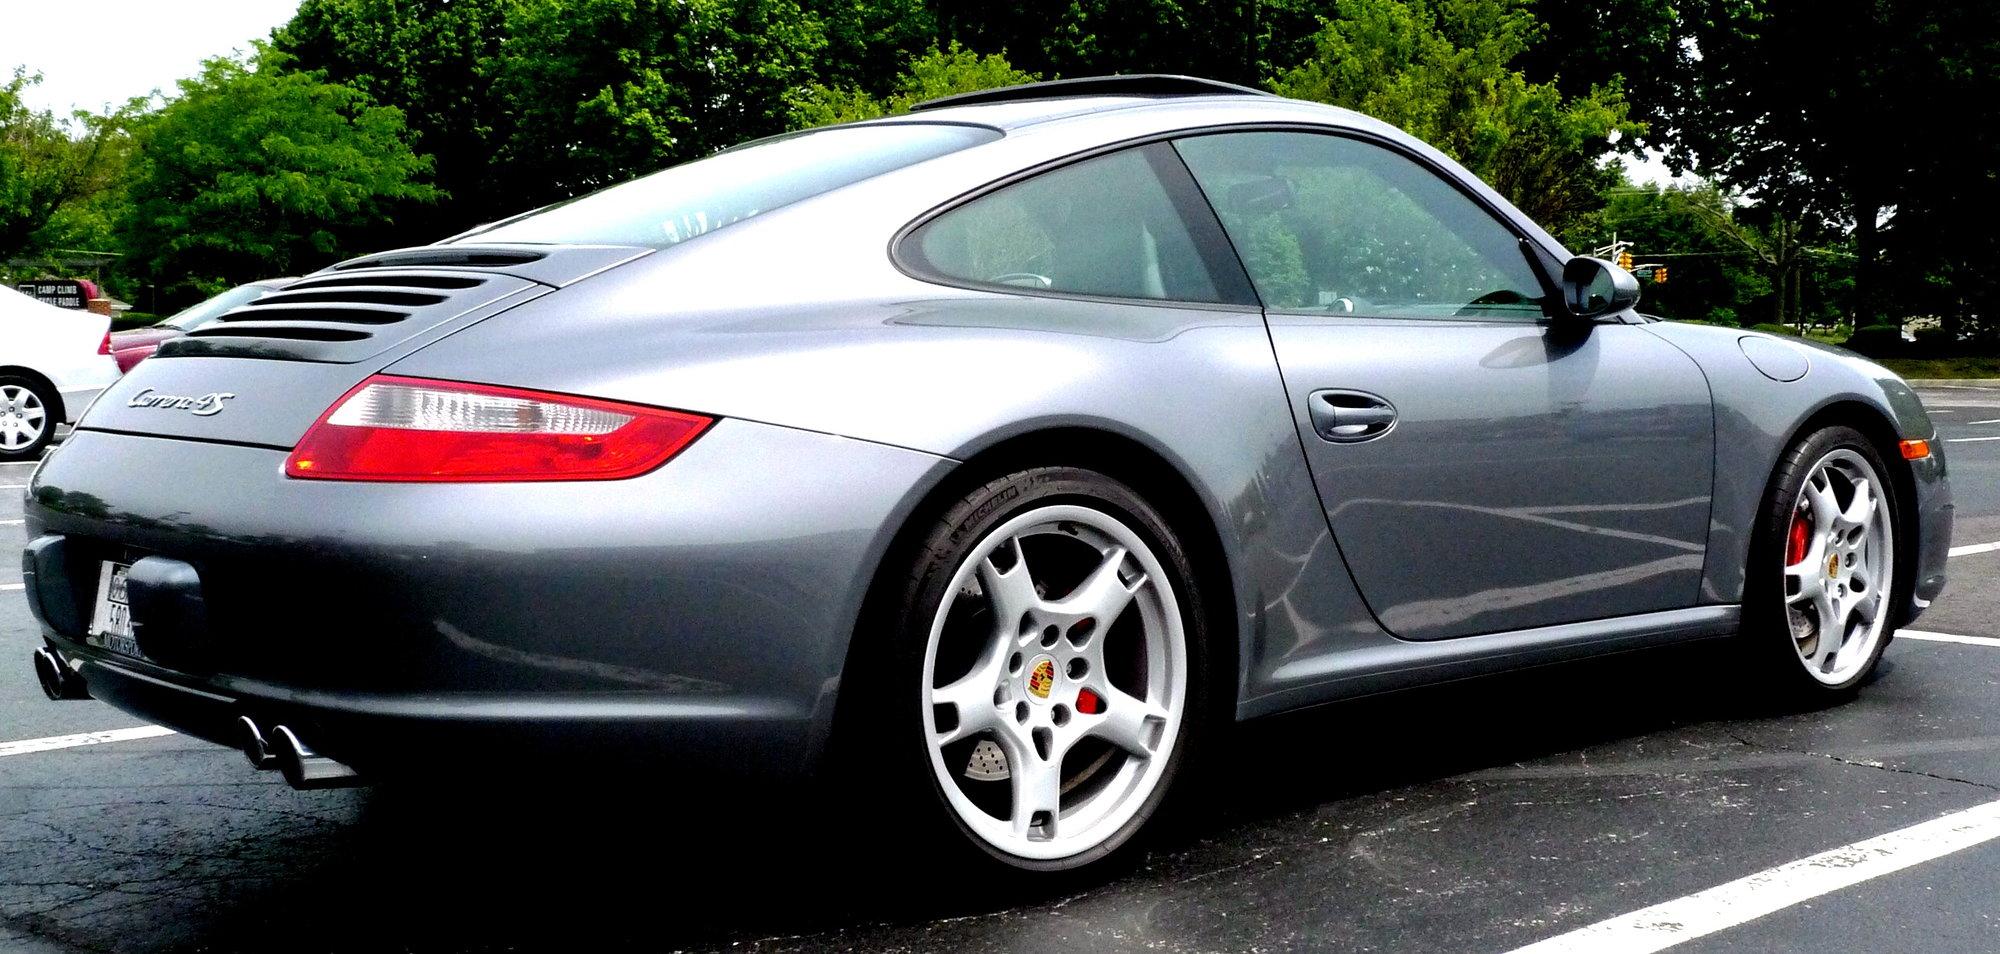 Garage - 911 C4S